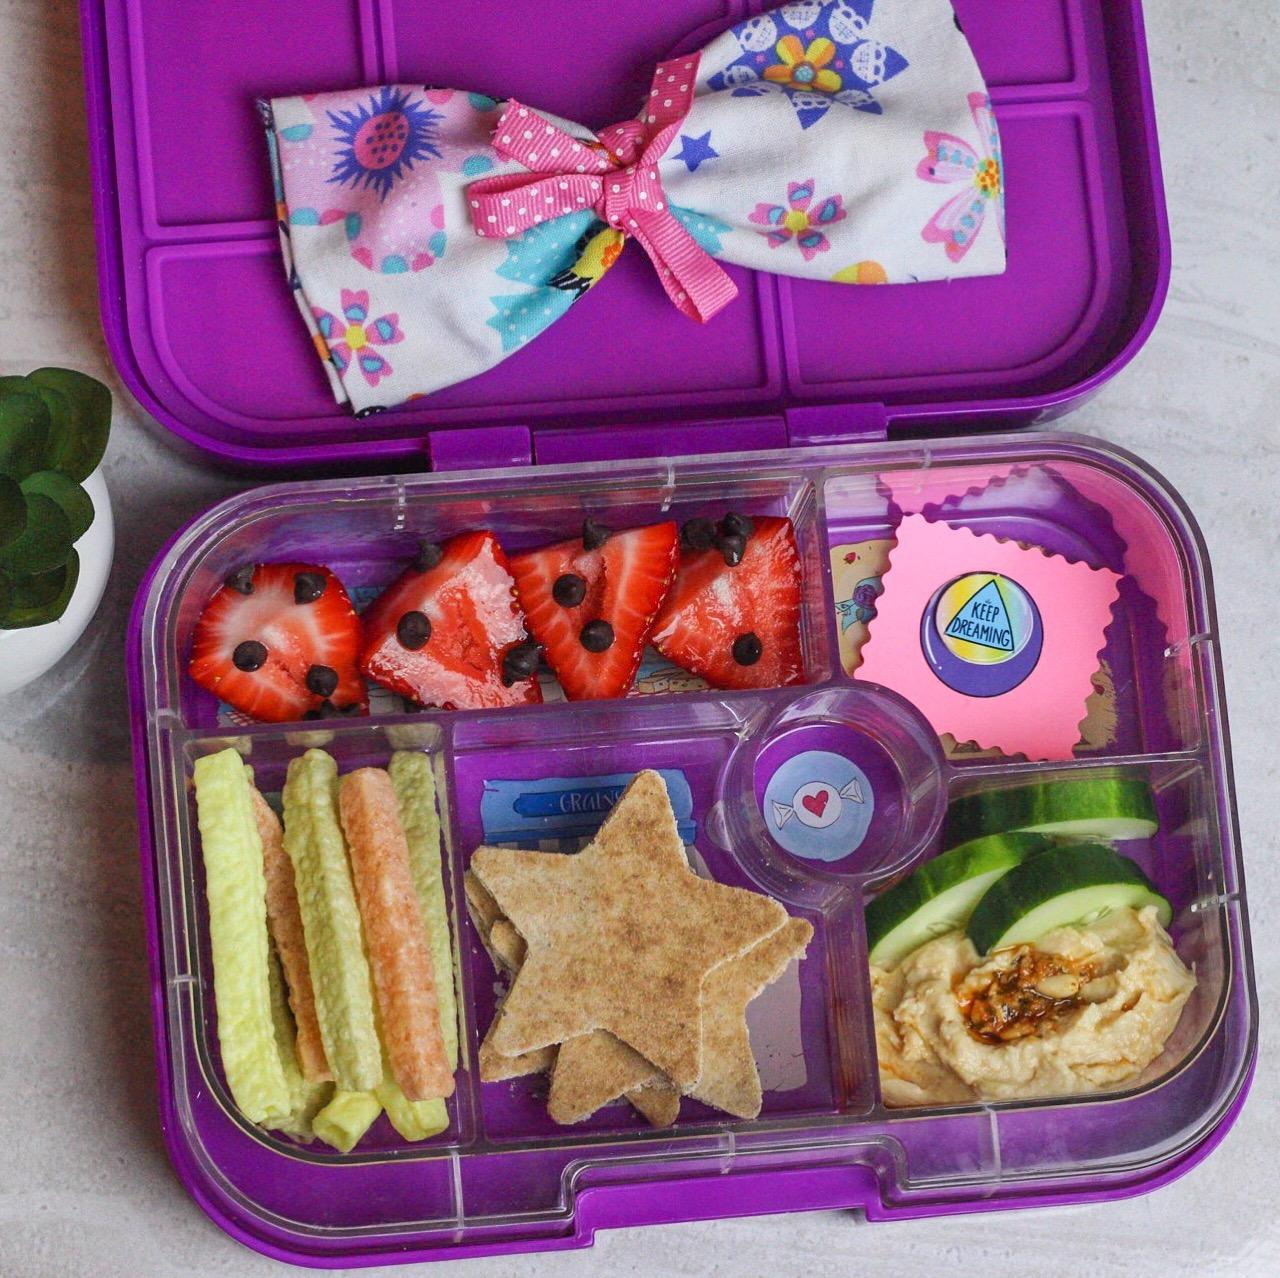 strawberries & chocolate, yum! - Whole wheat pita stars, hummus, cucumbers, veggie straws, and strawberries with chocolate!